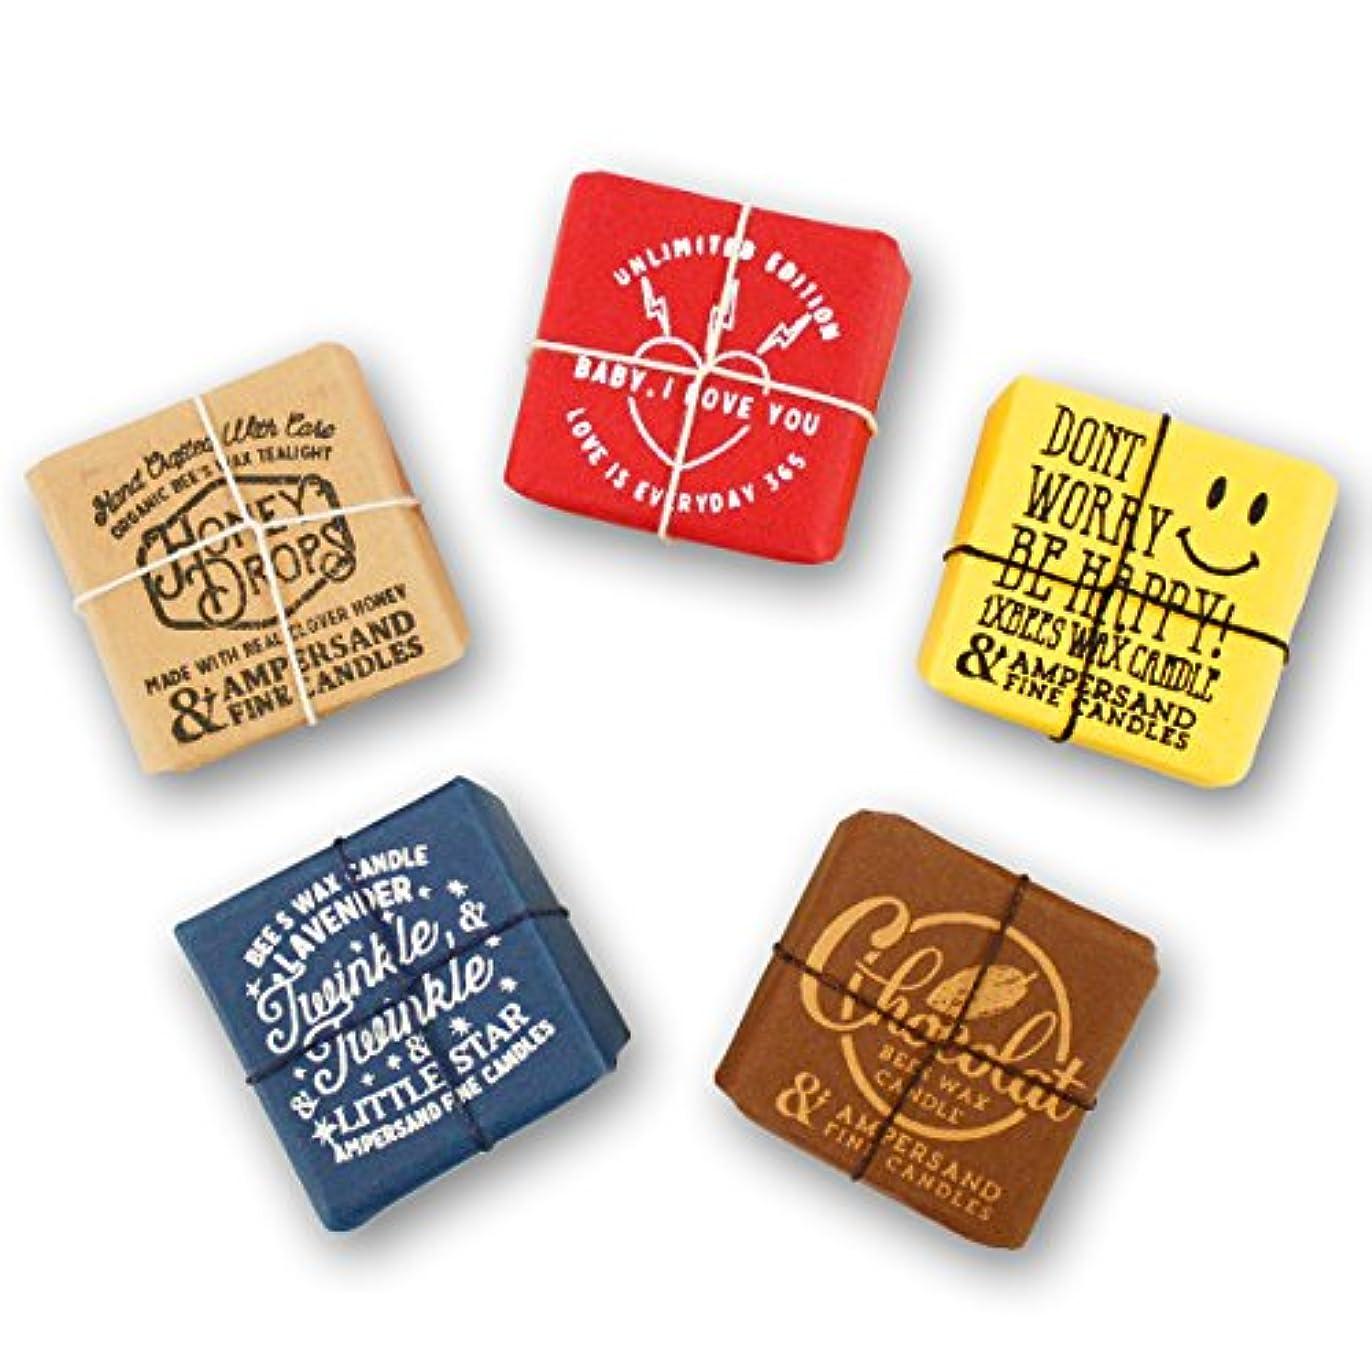 する必要がある貞アドバイスAmpersand Fine Candles(アンパサンド ファイン キャンドル)キャンドル ルームフレグランス ASingle Bees [ 5type ] アロマ ギフト オーガニック OS,Chocolate